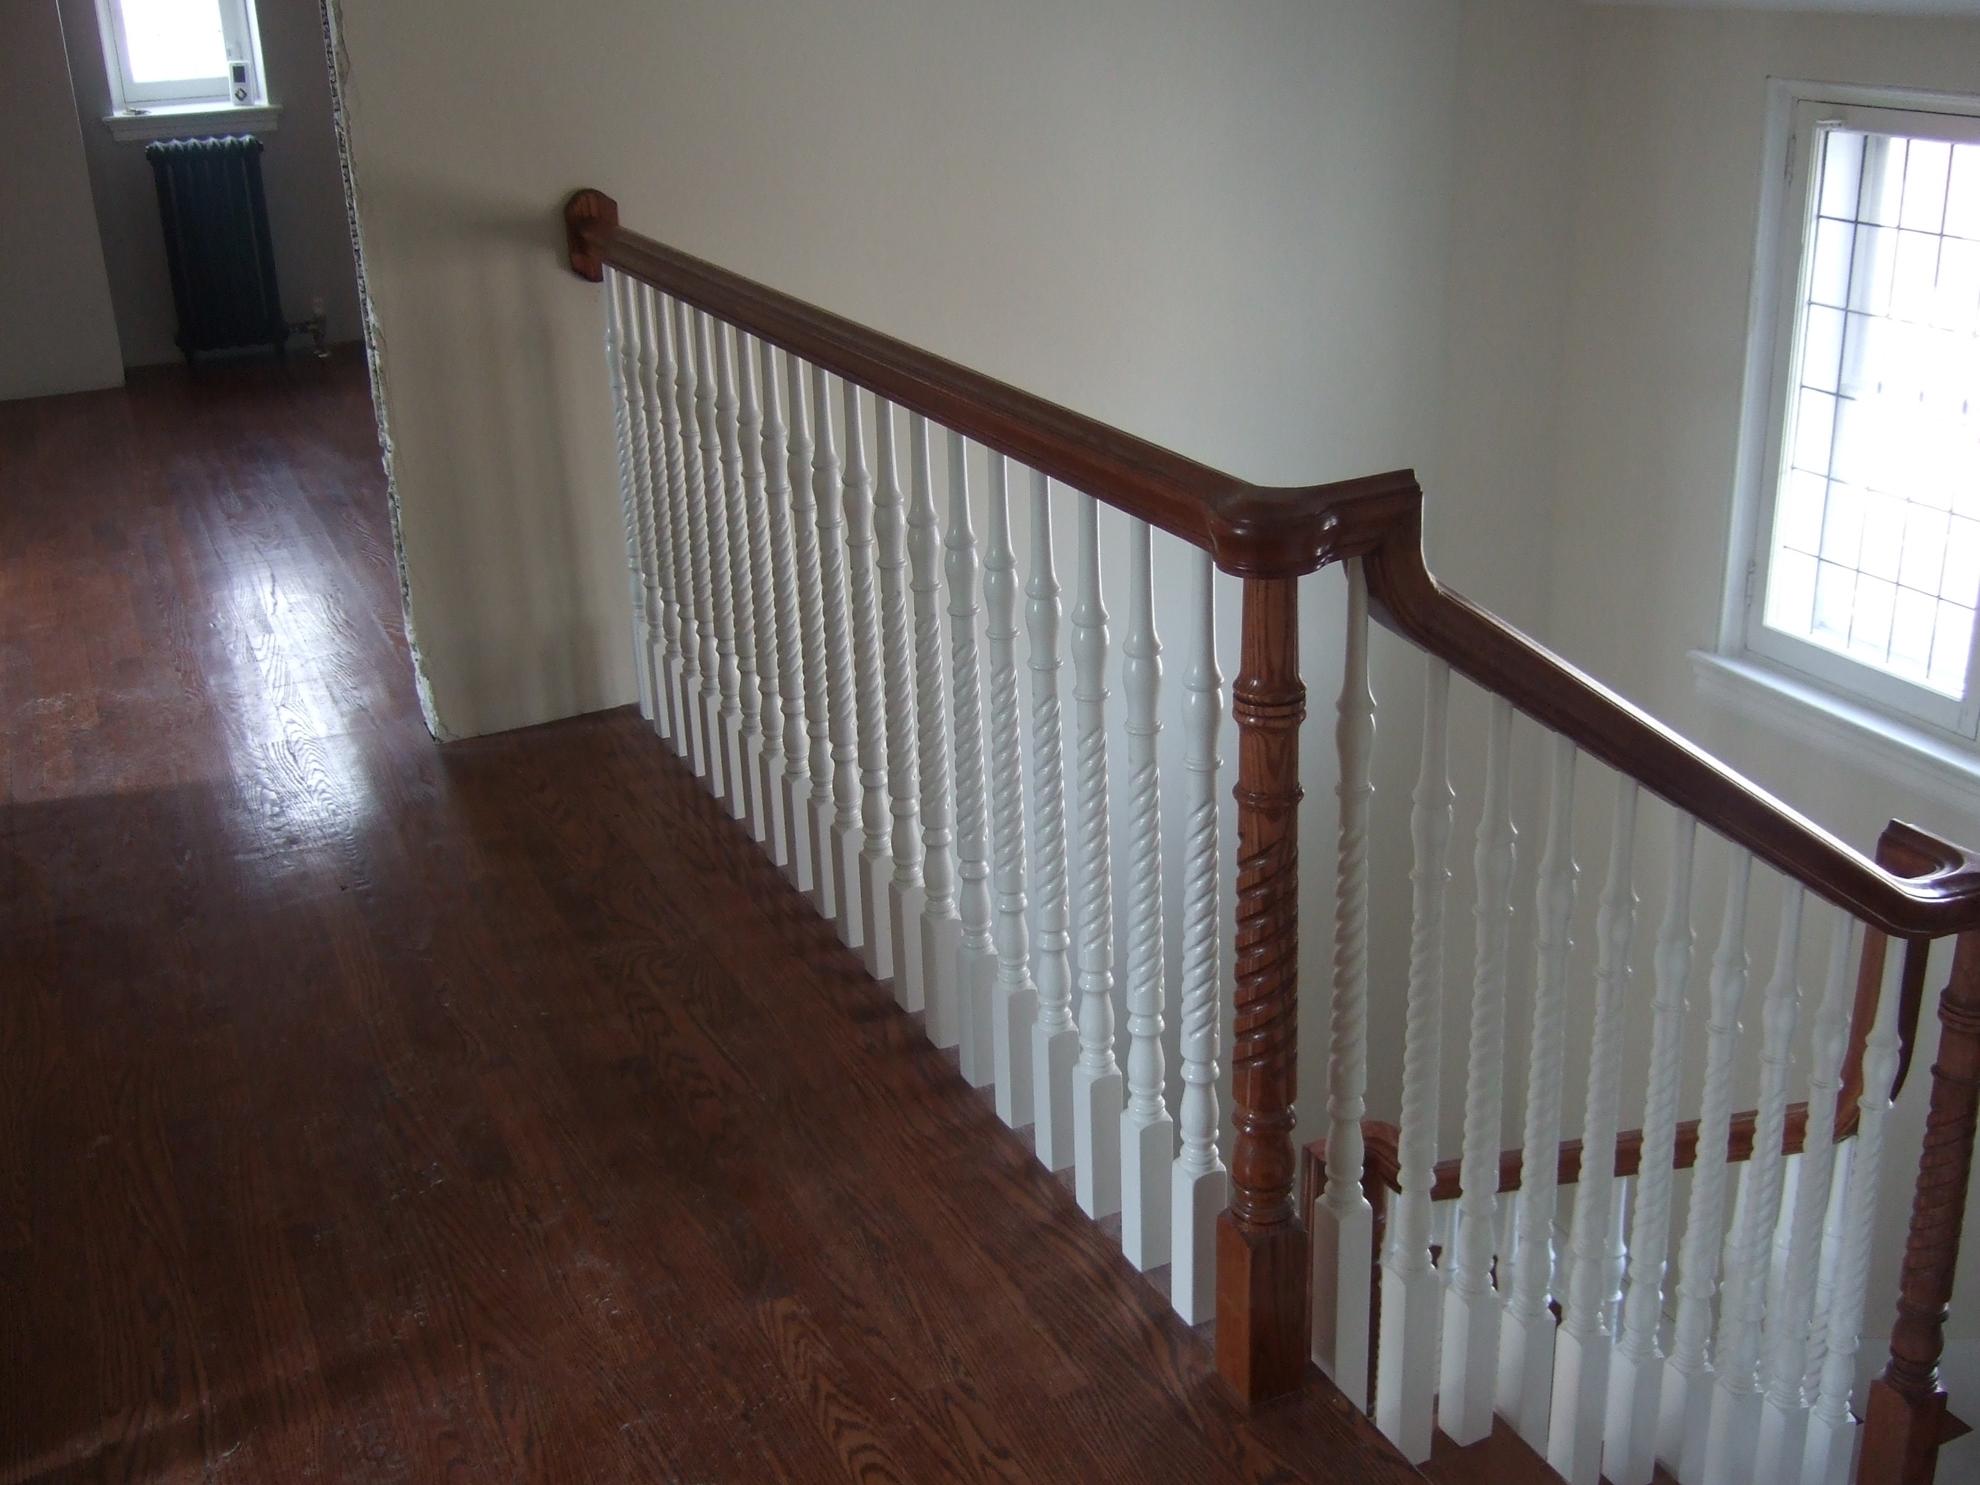 Picture of 06-Escalier barreaux de bois